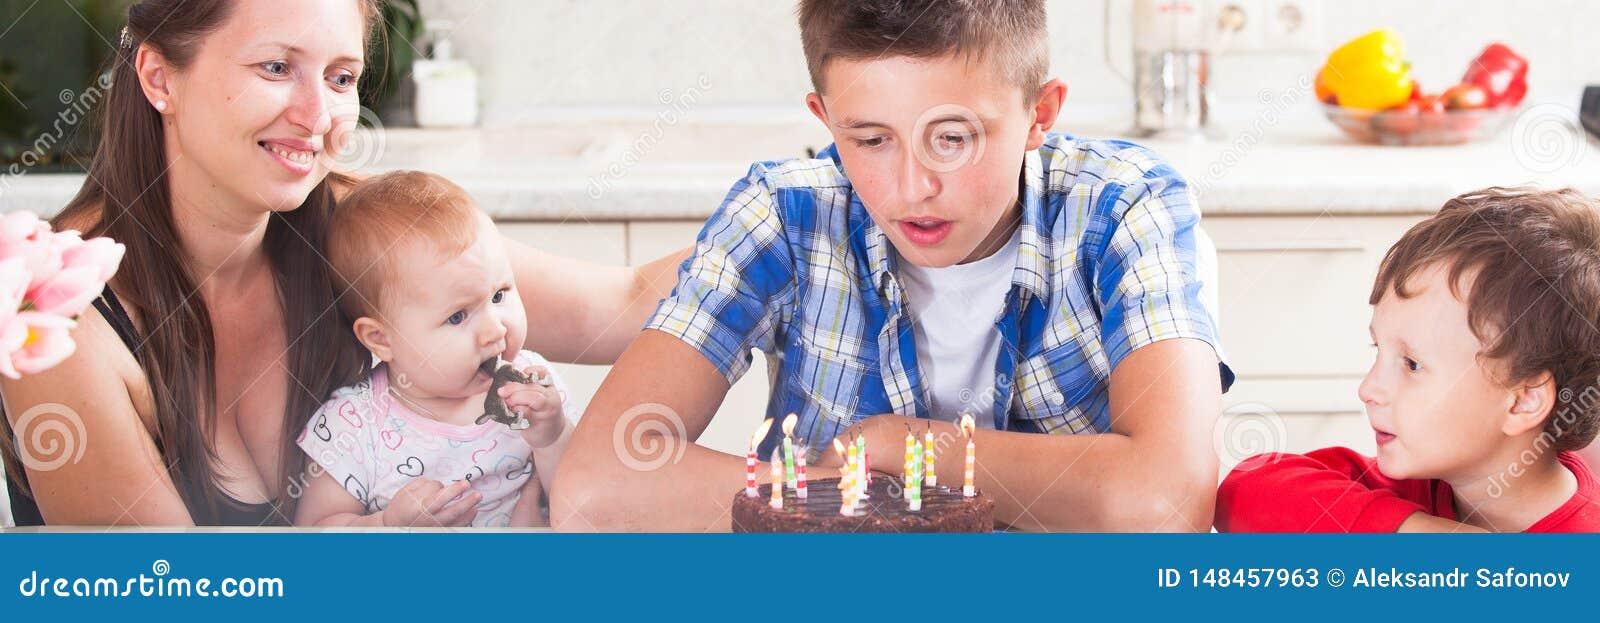 Jugendlicher brennt heraus die Kerzen auf einem Geburtstagskuchen durch